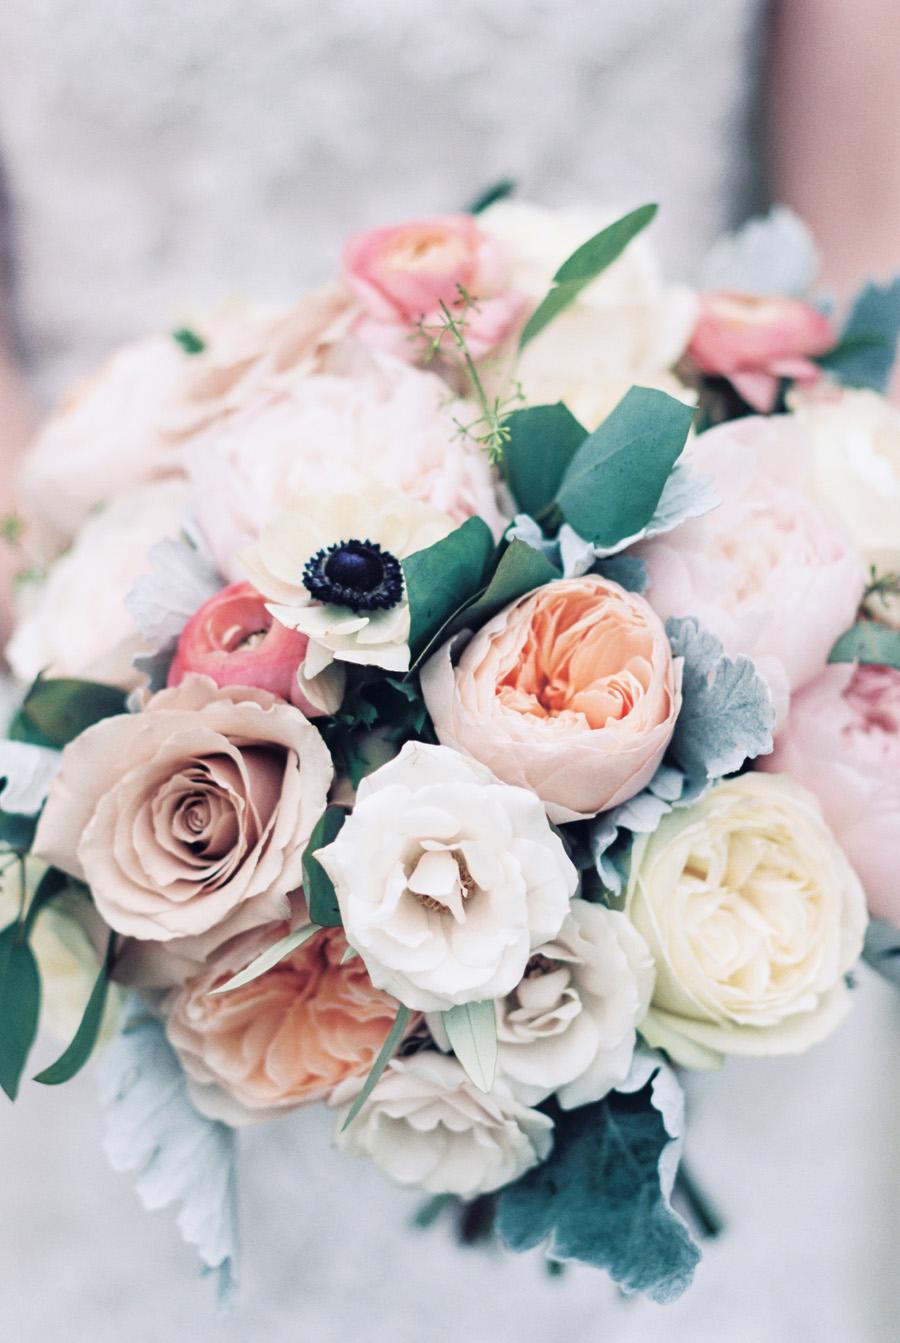 Detail photo of bridal bouquet.